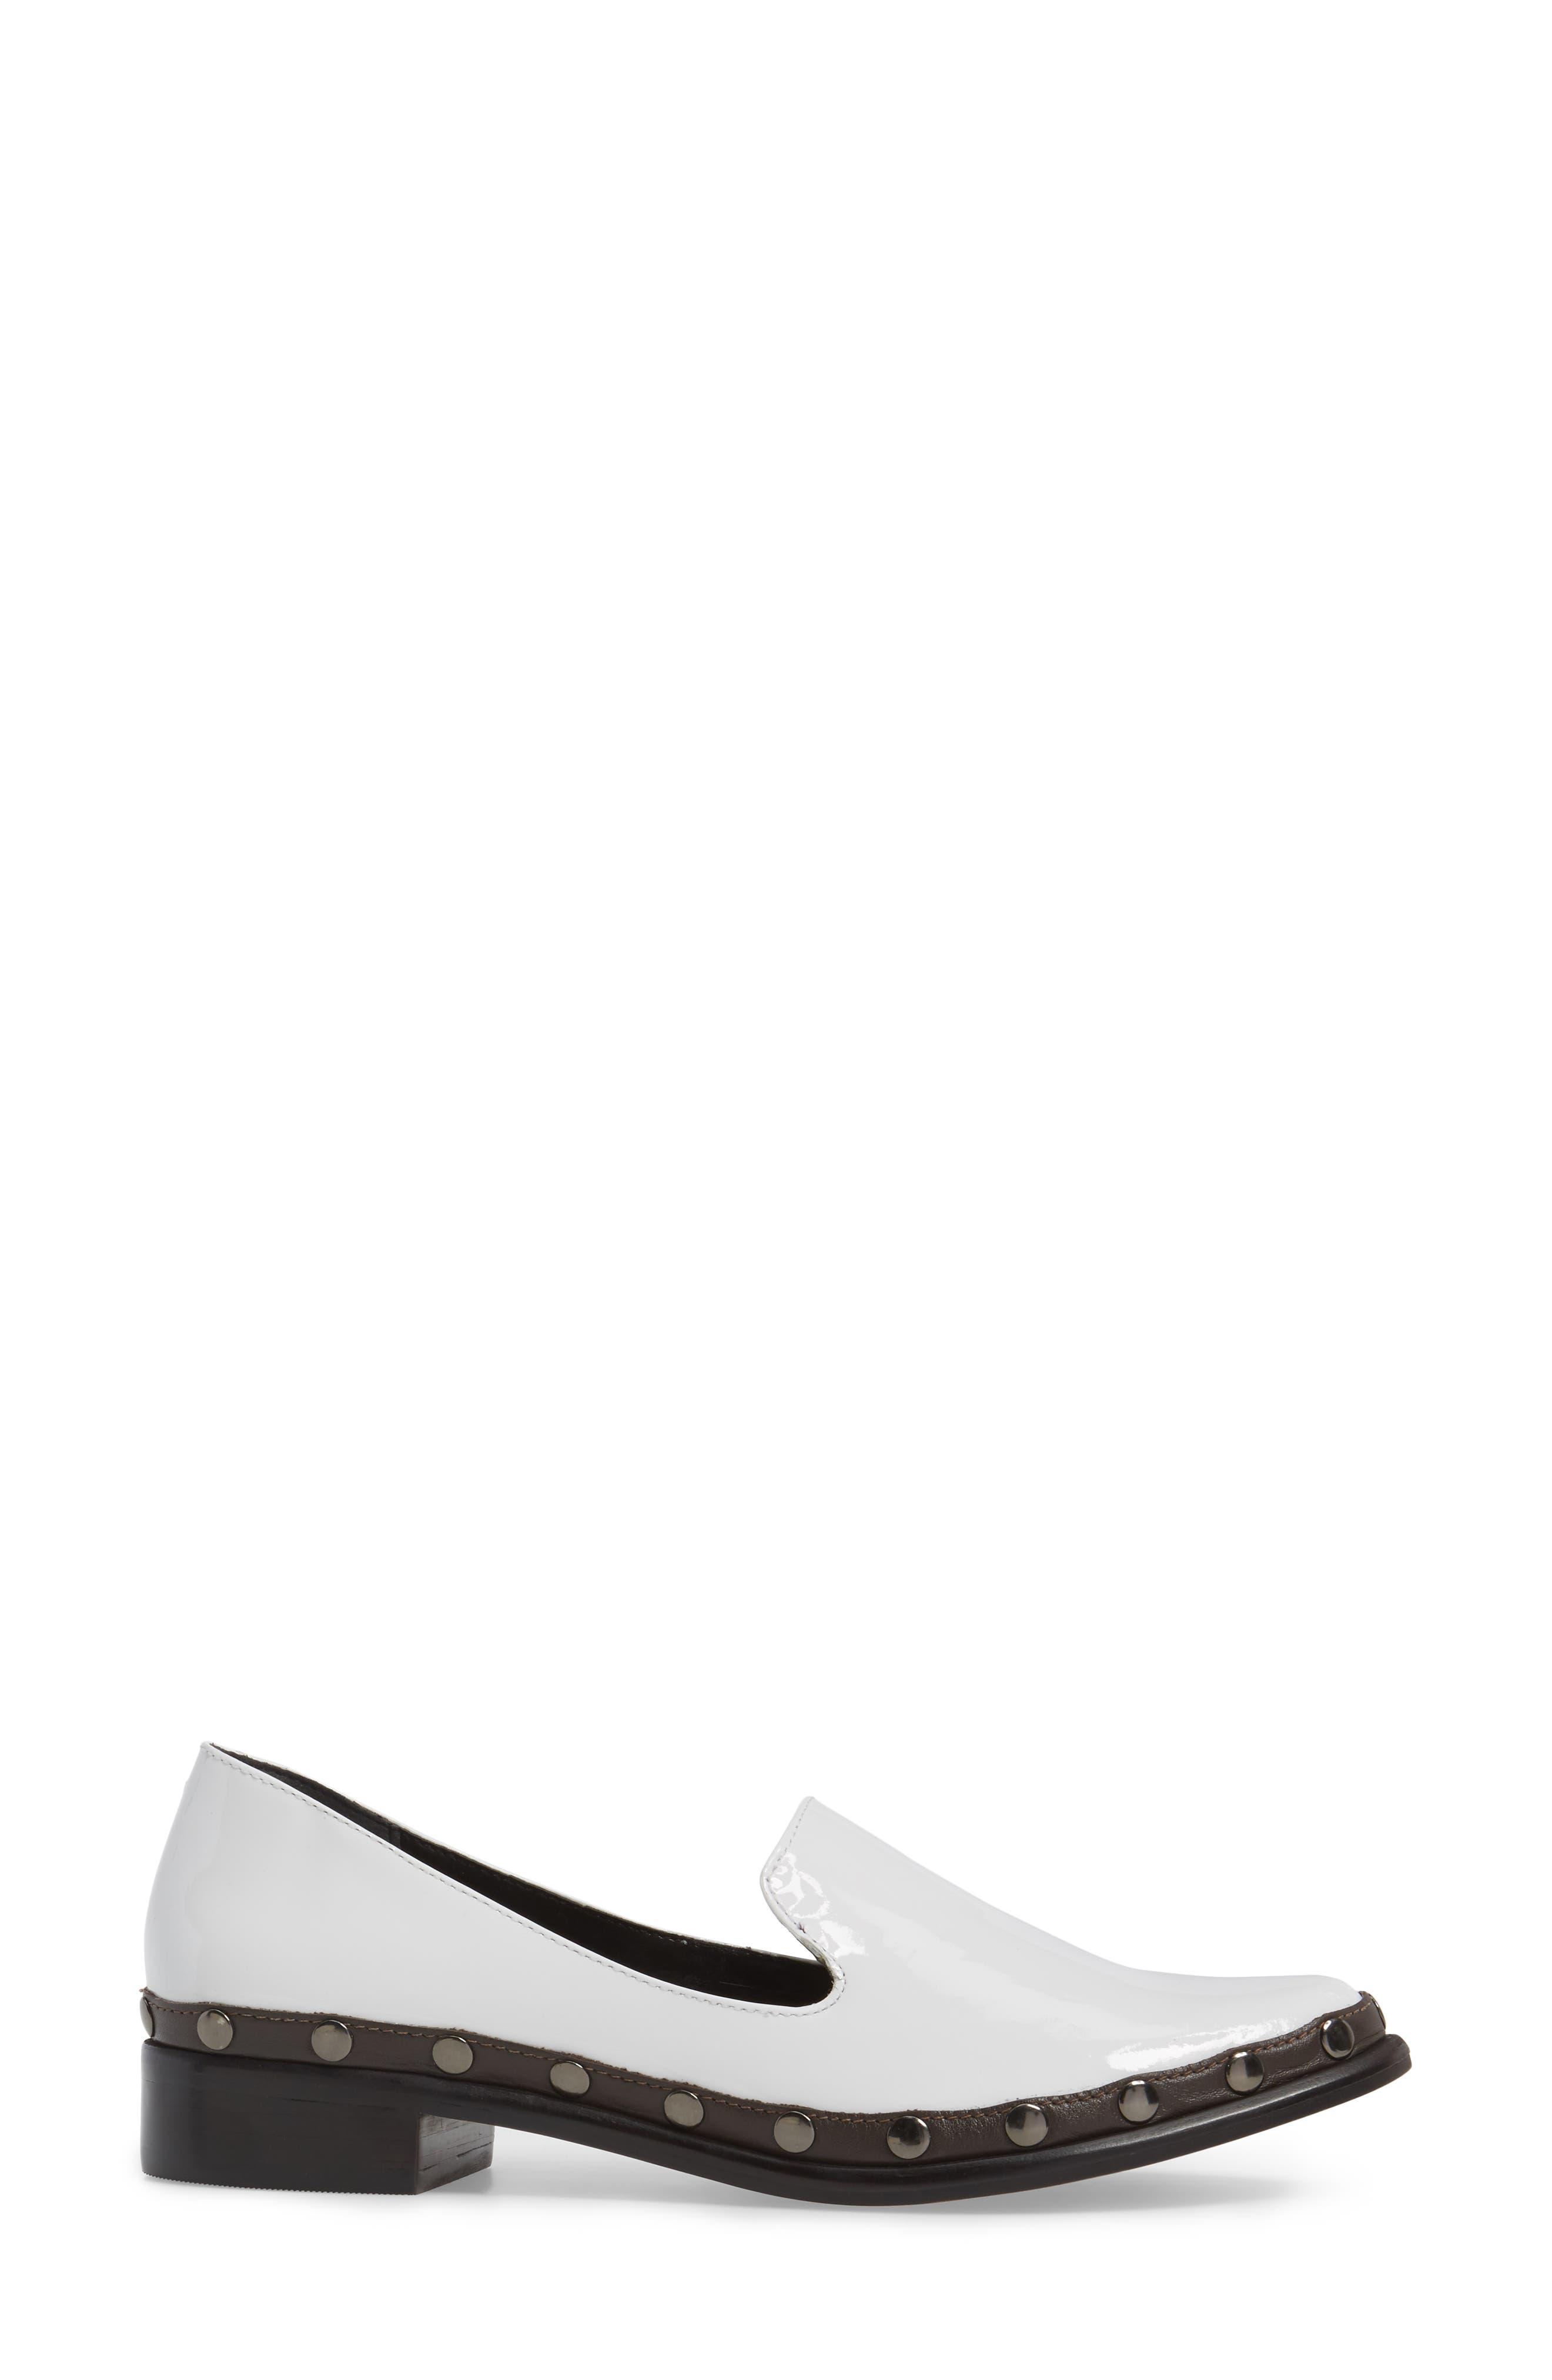 Alternate Image 3  - M4D3 Oceania Loafer (Women)